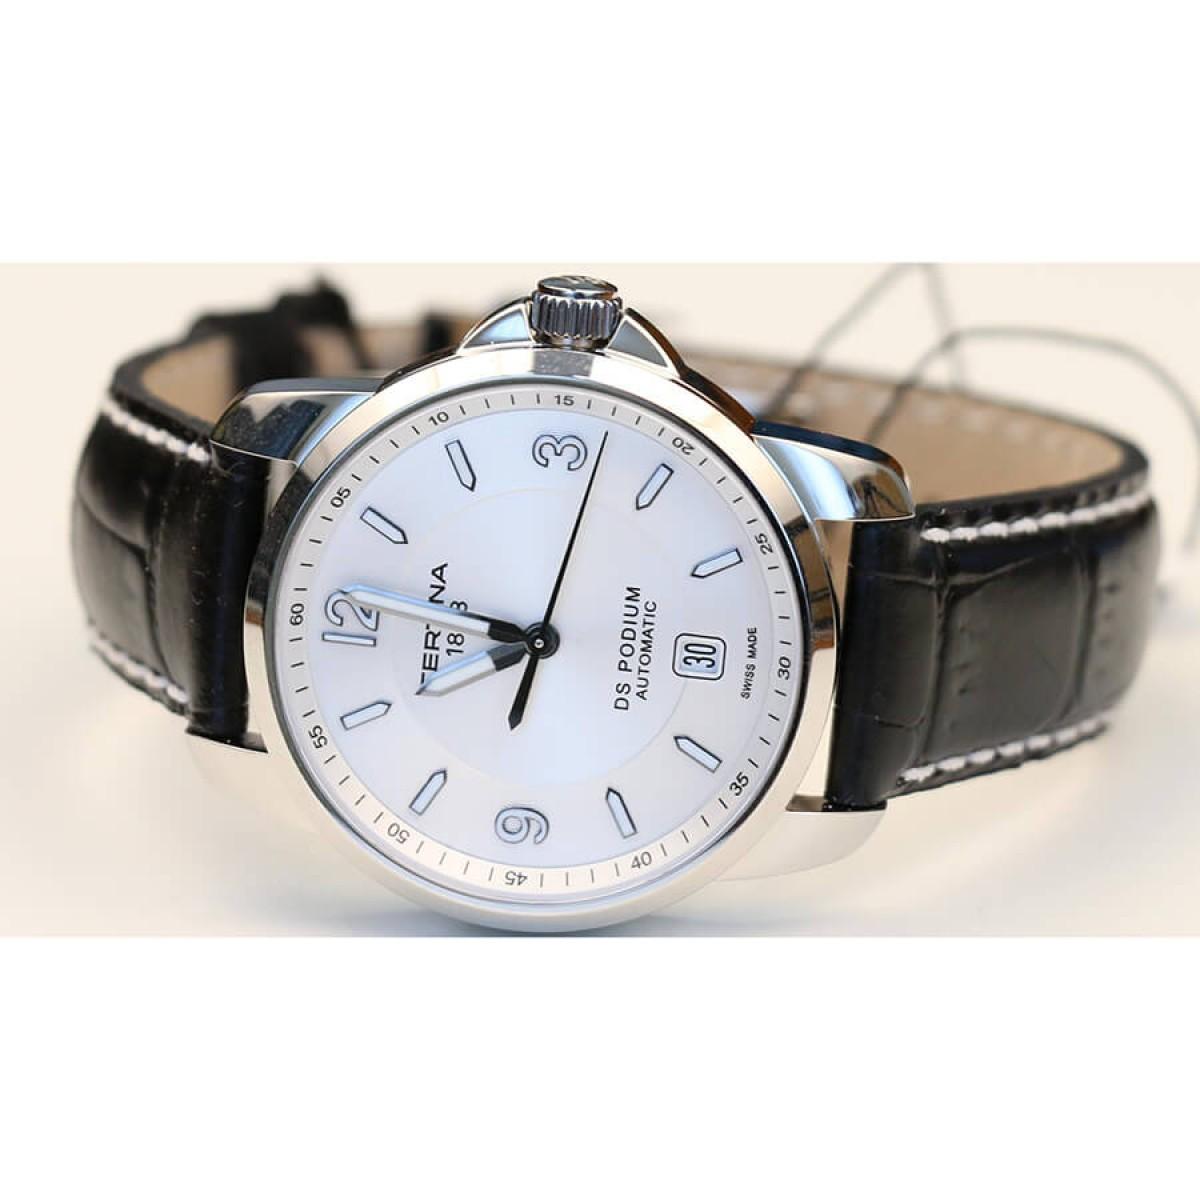 Часовник Certina C026.407.16.037.00